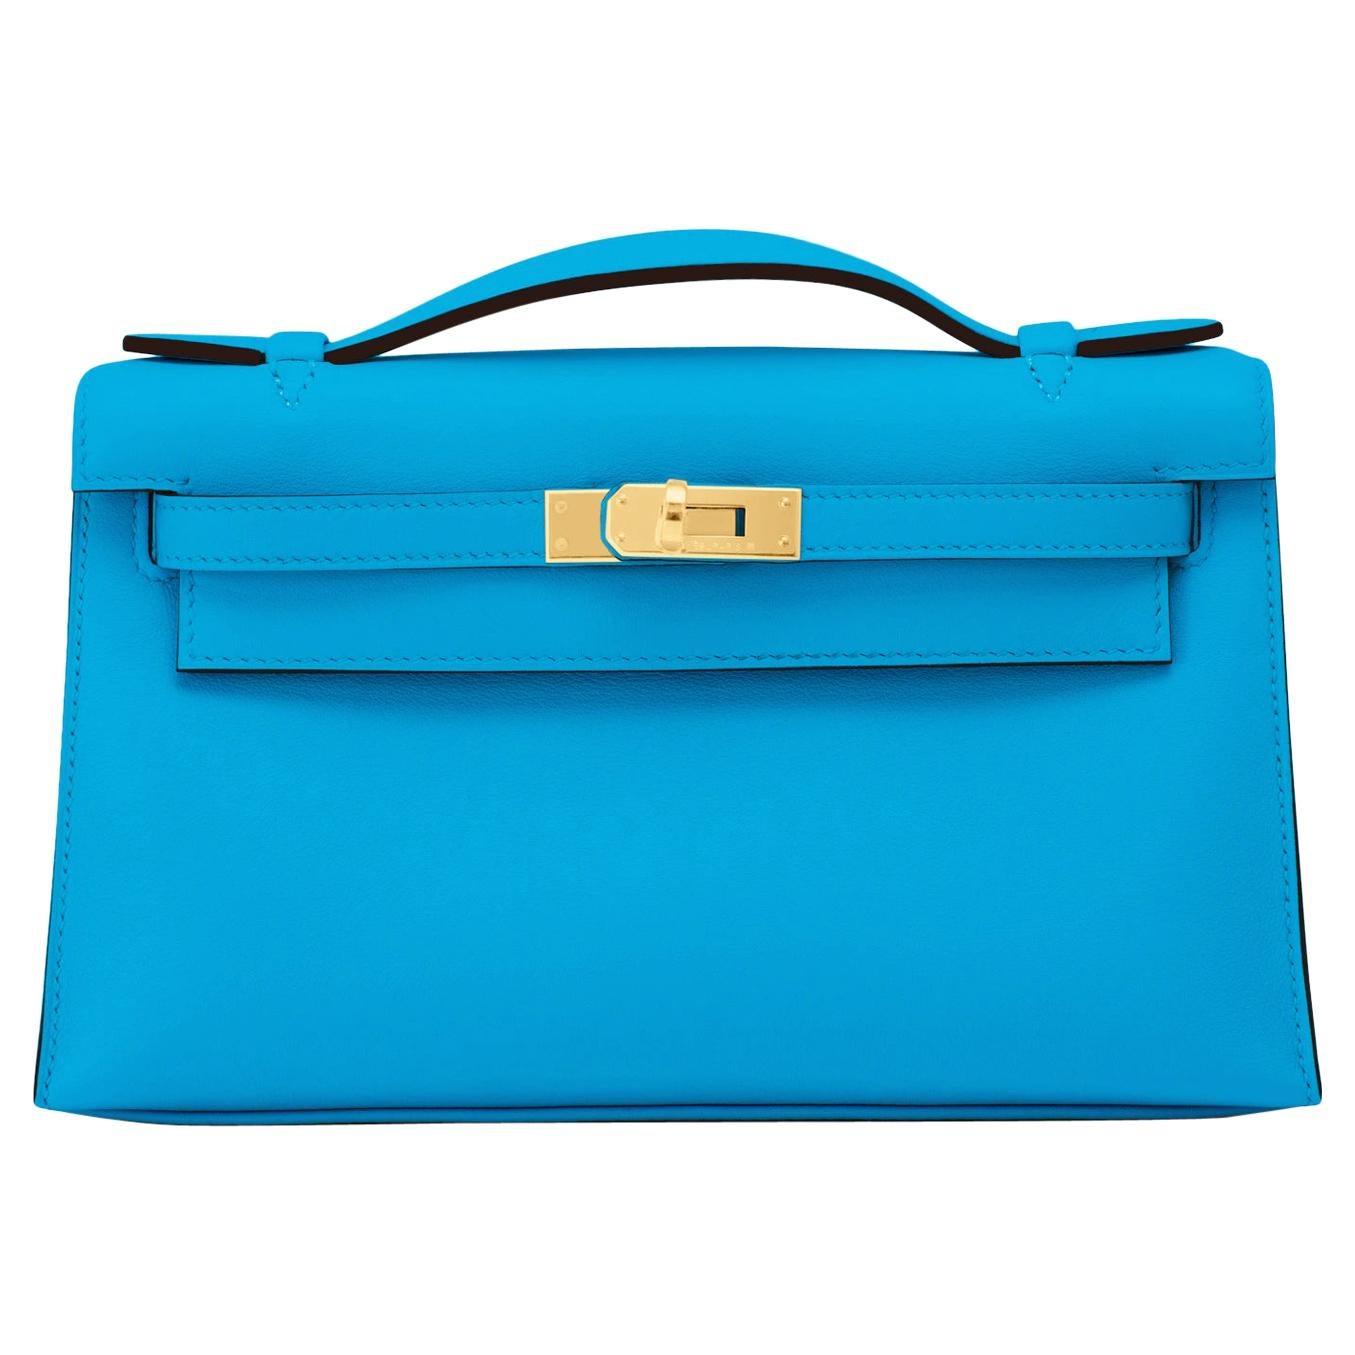 Hermes Kelly Pochette Blue Frida Gold Hardware Clutch Cut Bag Y Stamp, 2020